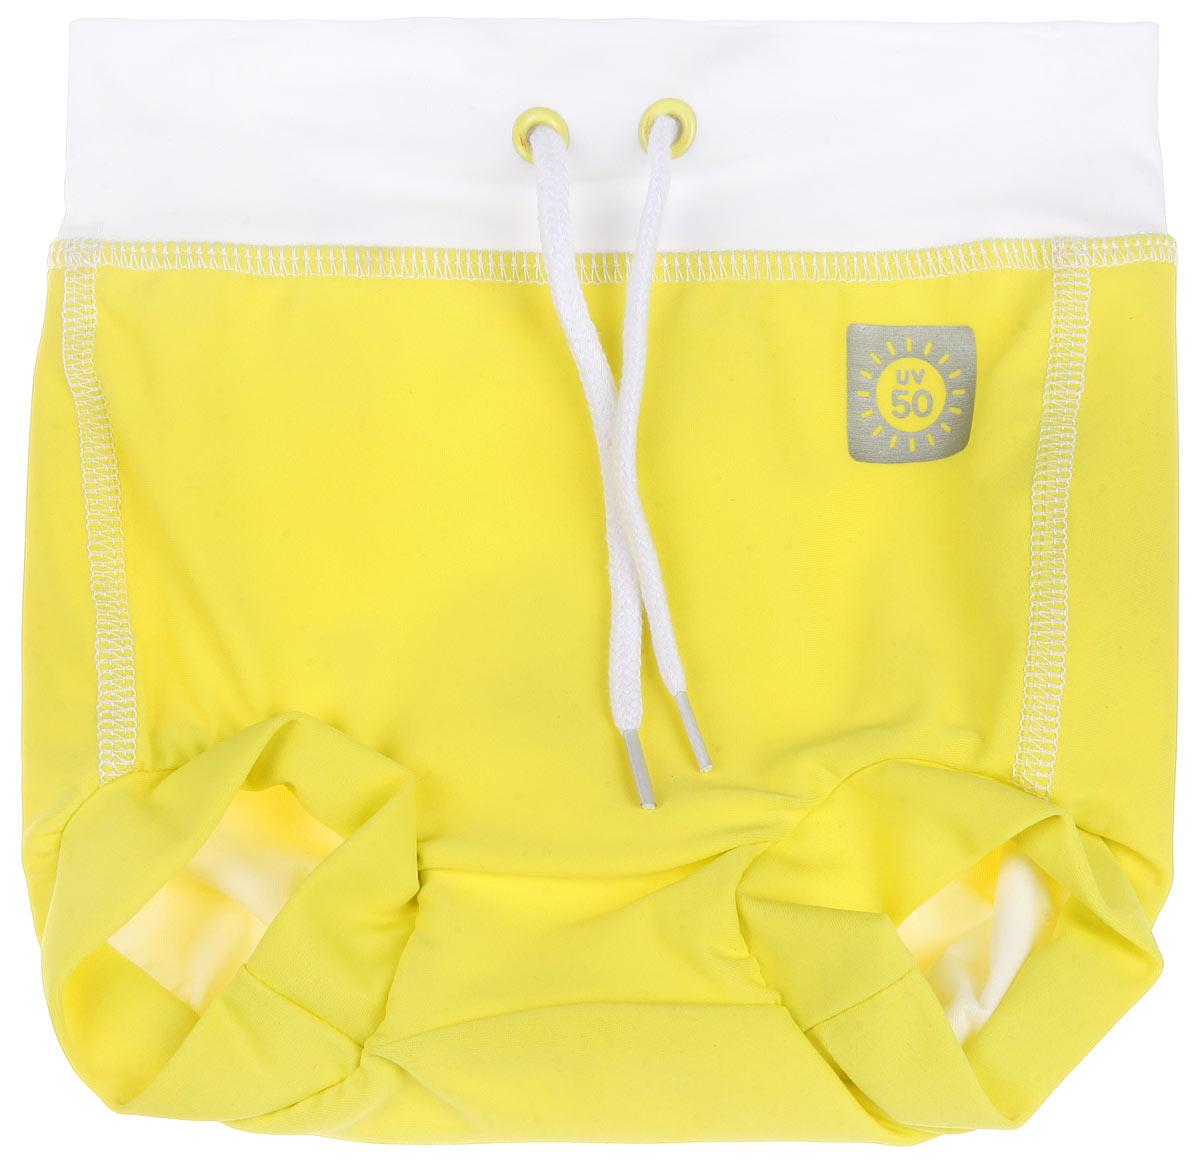 Плавки582018_2310Плавки-шорты для новорожденного Reima Swimming Trunks предназначены для веселого и беззаботного купания вашего ребенка. Плавки под подгузник изготовлены из высококачественного материала с УФ-фильтром 50+, что обеспечивает эффективную защиту от вредных солнечных лучей. Модель подходит как для бассейна, так и для пляжа. Плотная посадка по ногам и на поясе вместе с непромокаемой подкладкой из 100% полиэстера оградят от неприятных сюрпризов. Эластичный пояс можно регулировать для большего удобства и хорошей подгонки по фигуре. Такие плавки-шорты идеально подойдут для вашего ребенка!